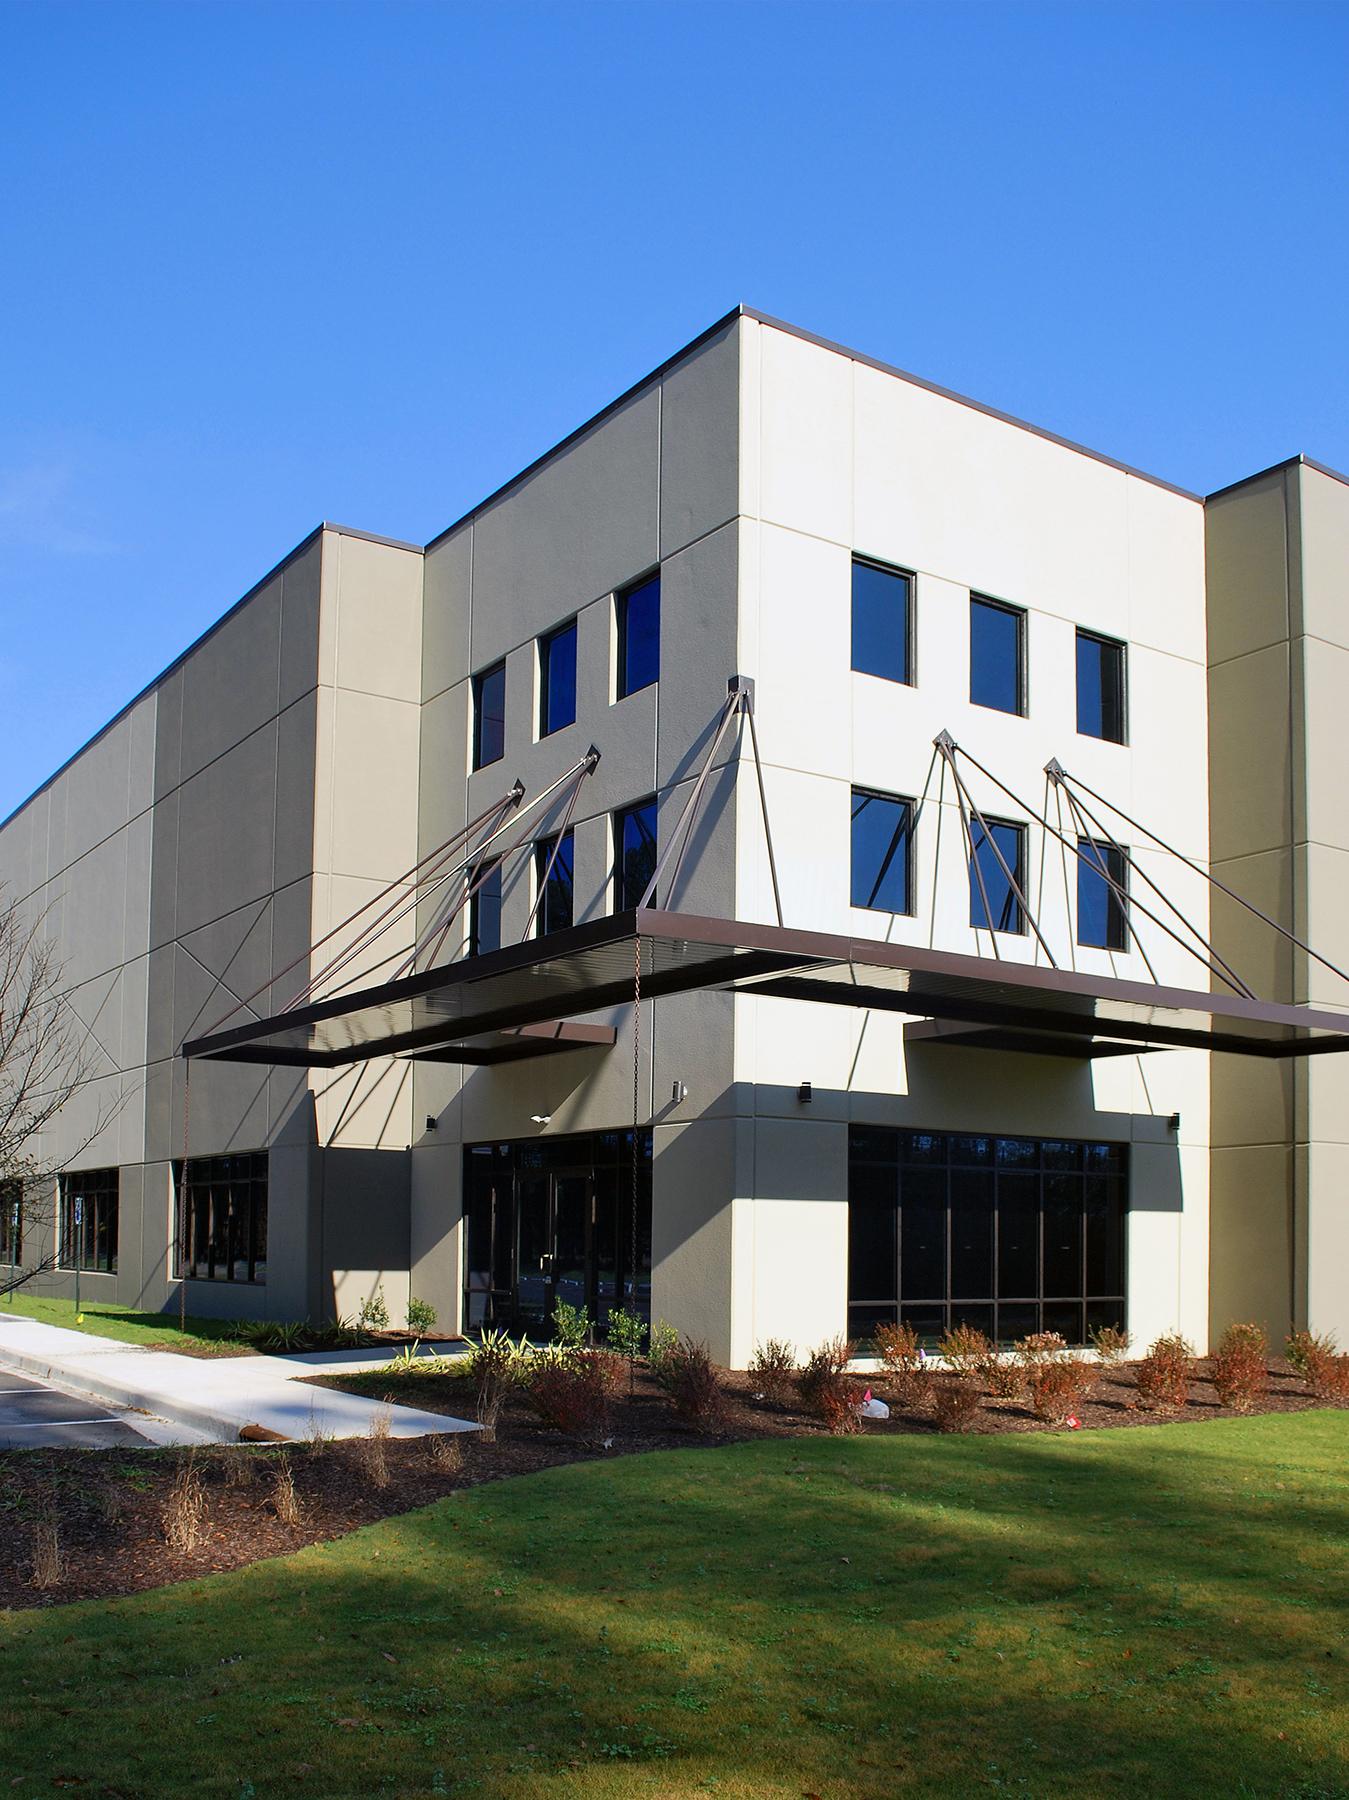 Landmark builders of south carolina lexington county spec for Building a spec house